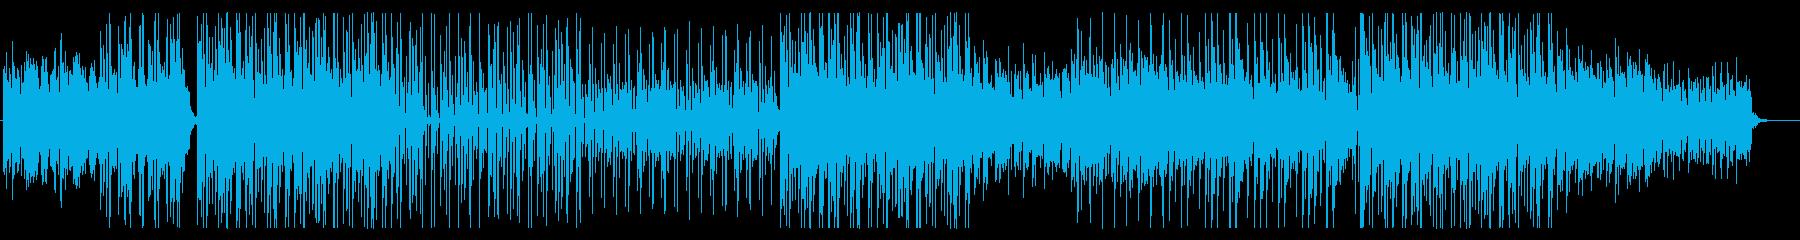 ハロウィン、洋楽、ビート、トラップの再生済みの波形